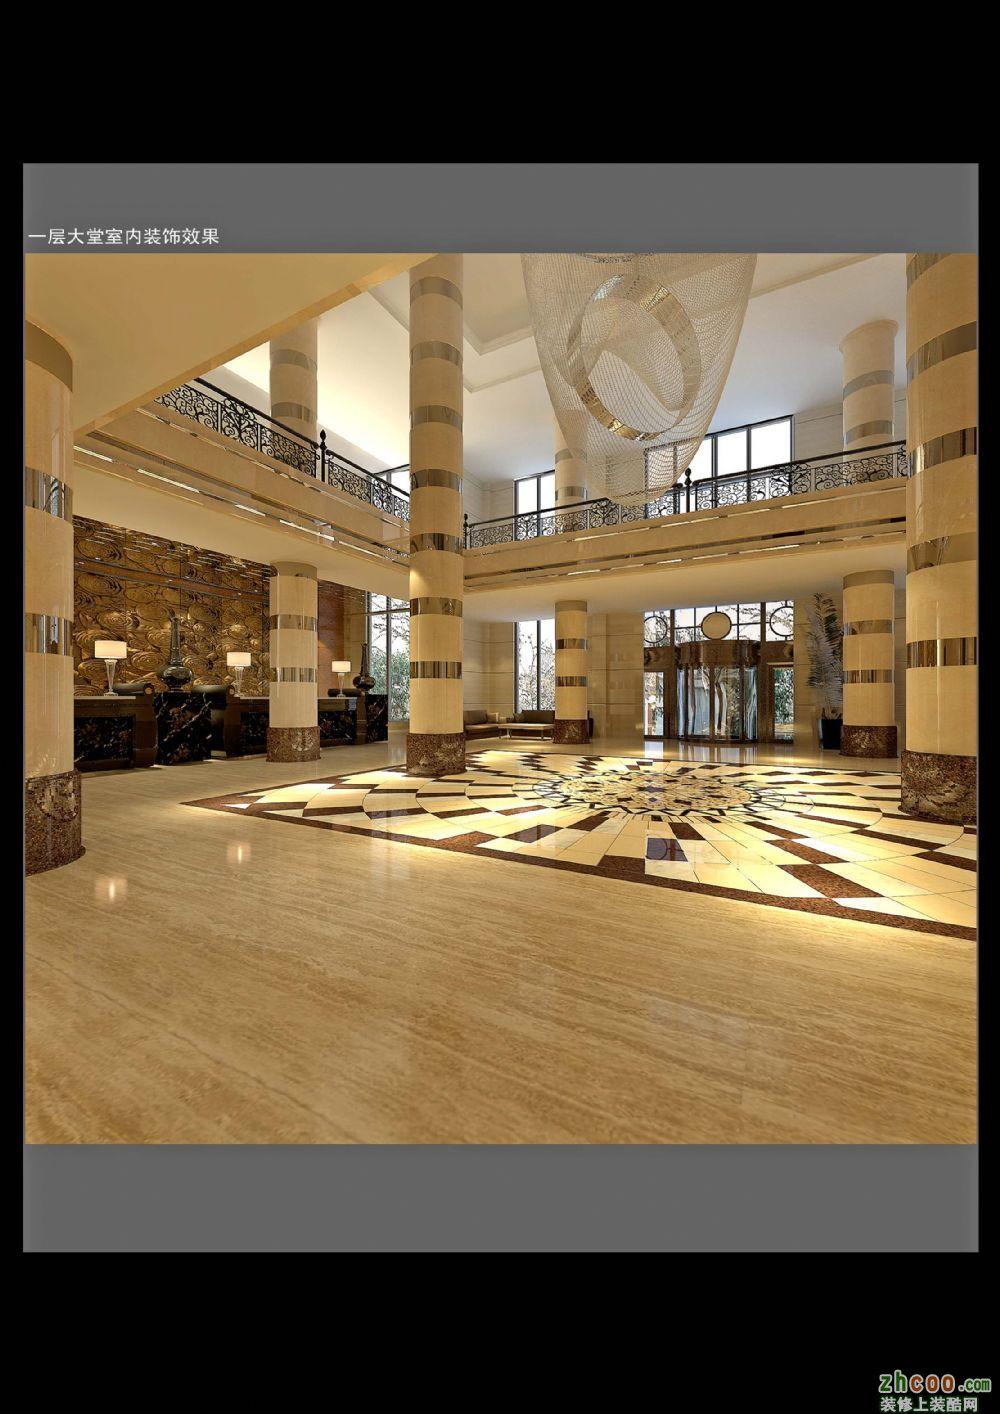 江油西屏华昇宾馆装修设计图—第六感空间设计工作室